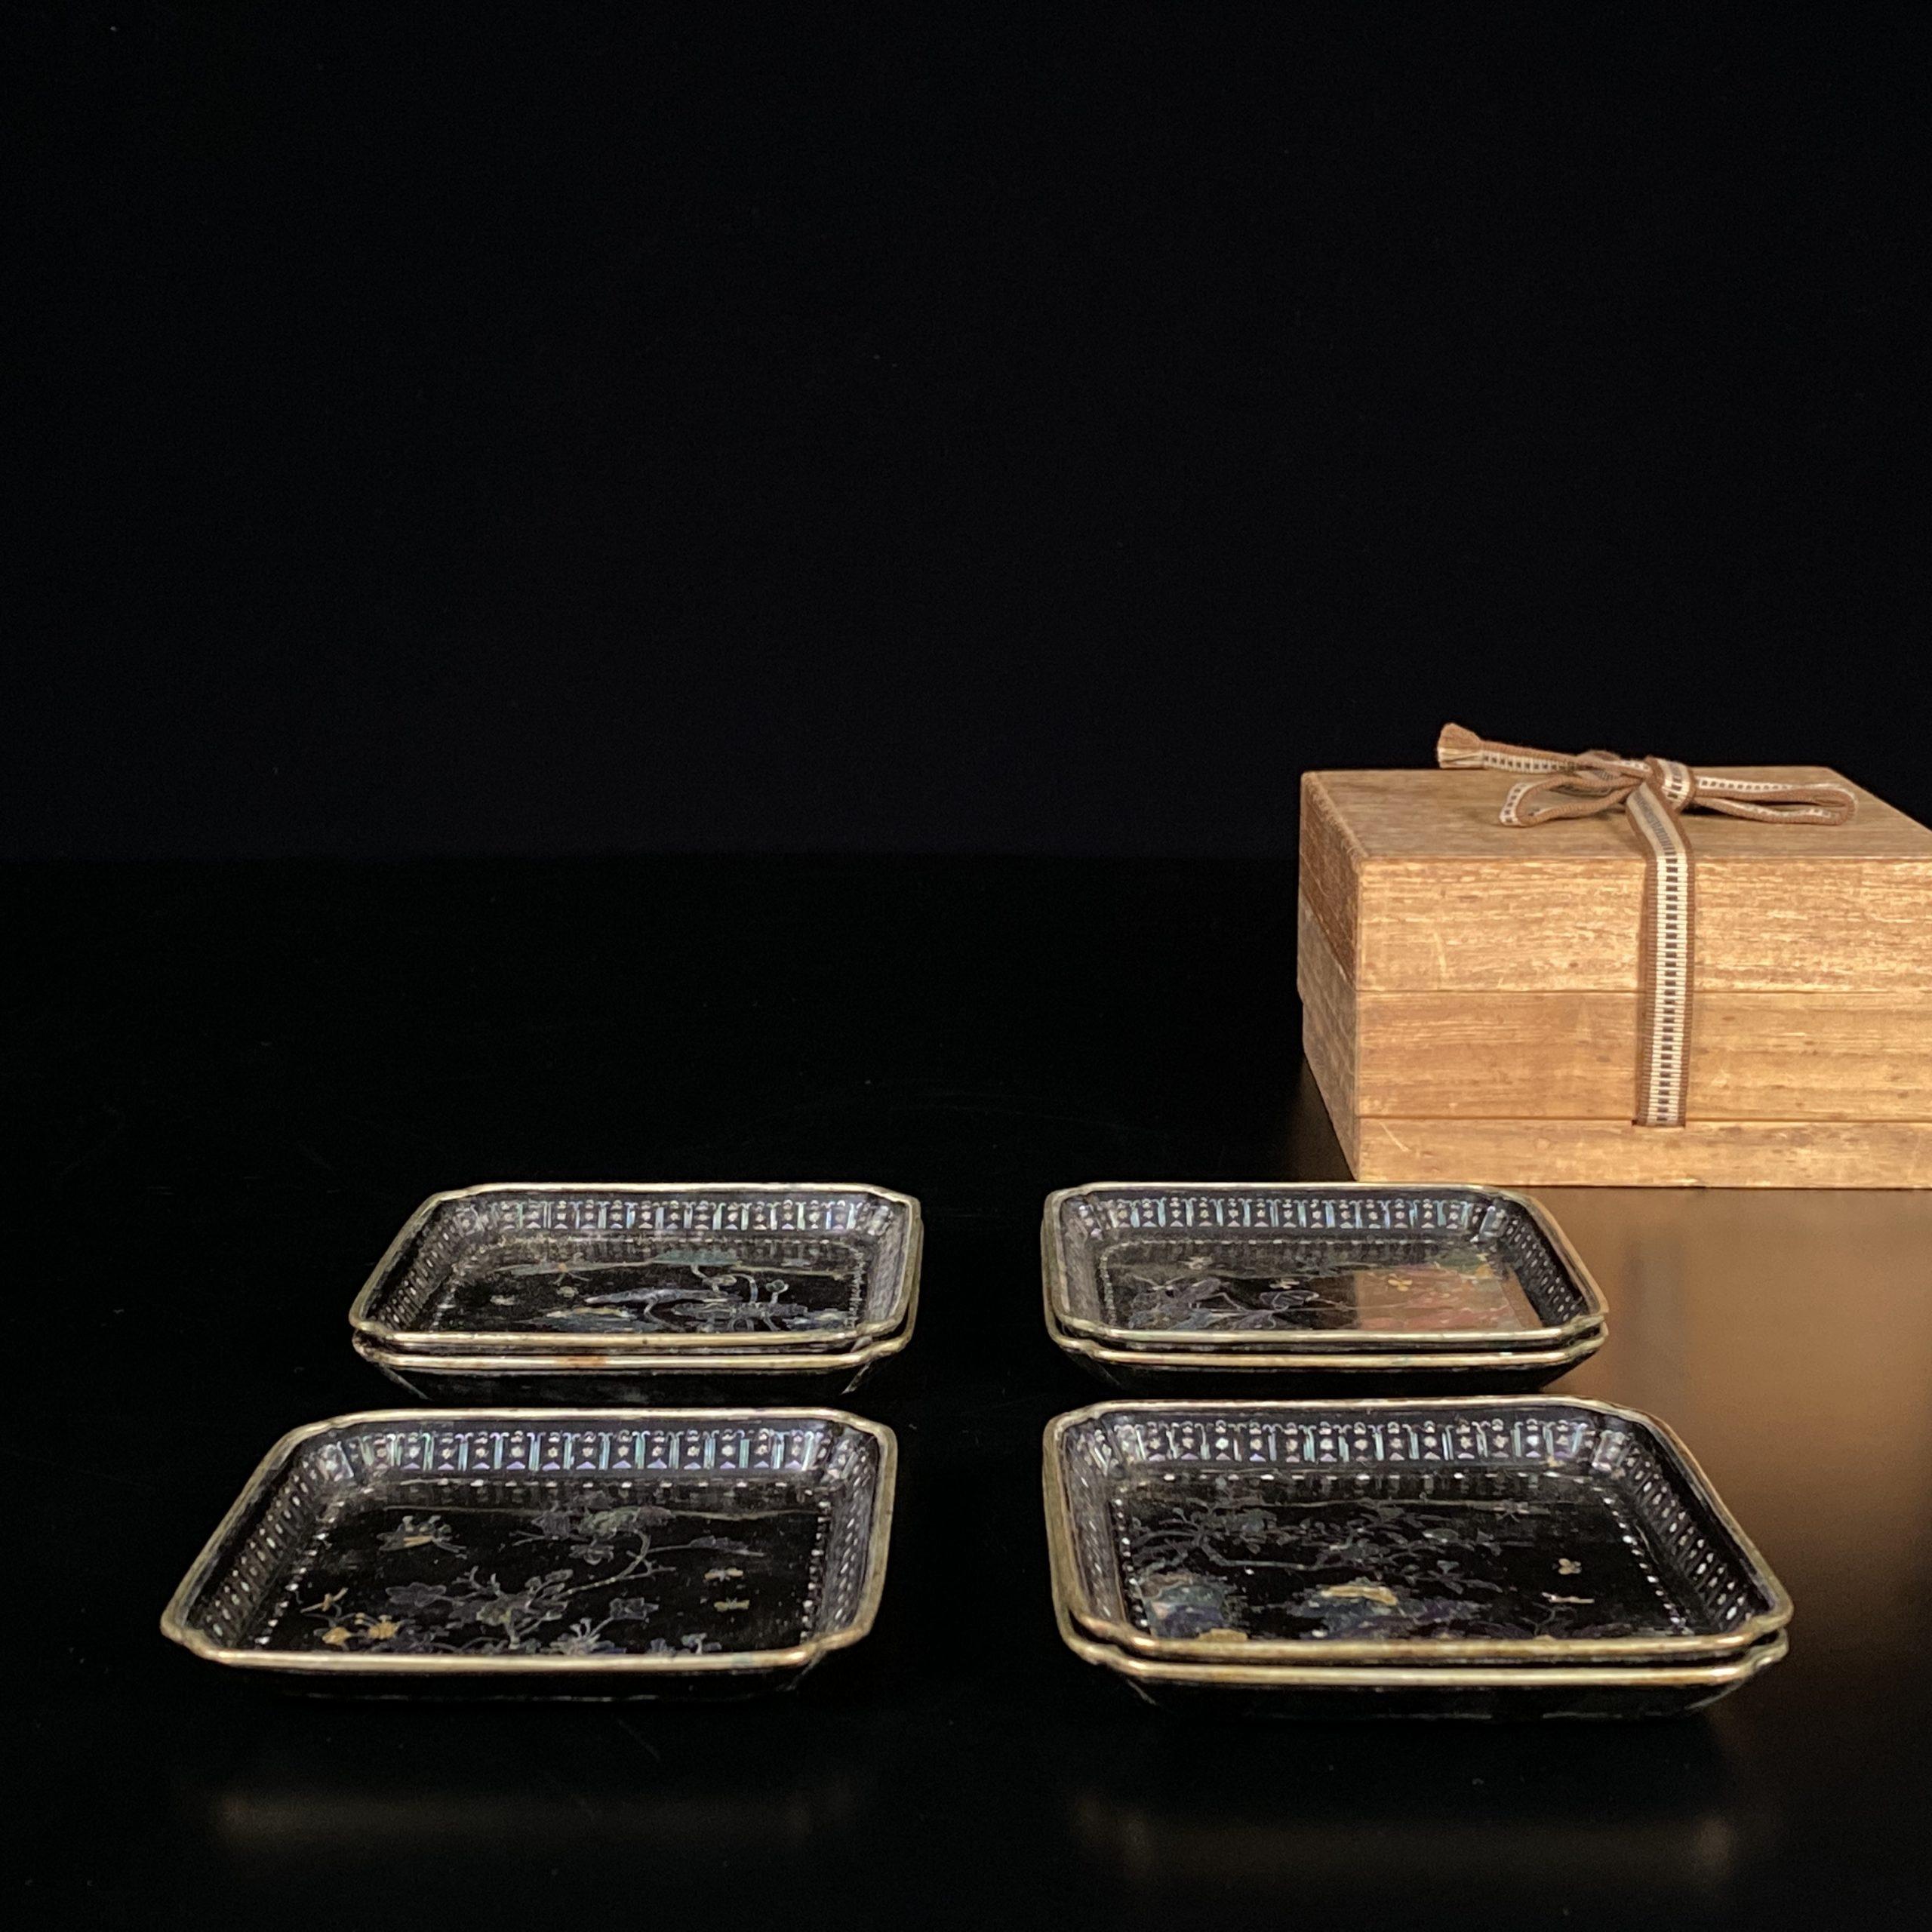 21471清「千里」款 黒漆嵌螺鈿 花虫紋 盤⑦